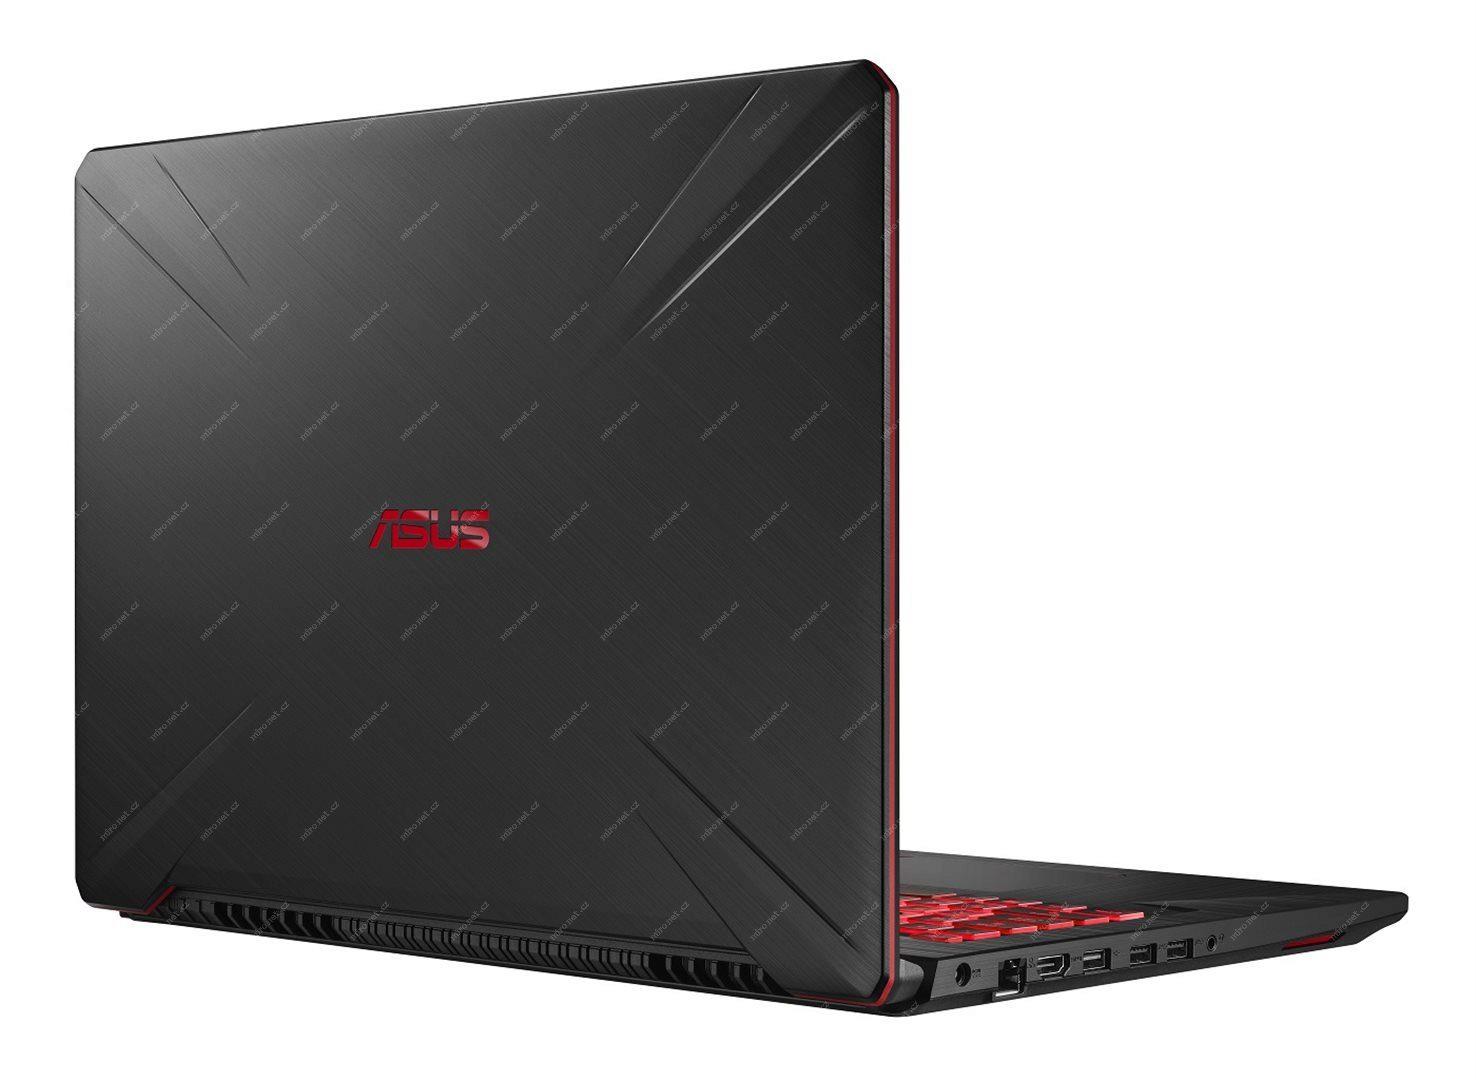 45e1d57ef8 Notebook ASUS TUF Gaming FX705GM-EW192T černá   17.3